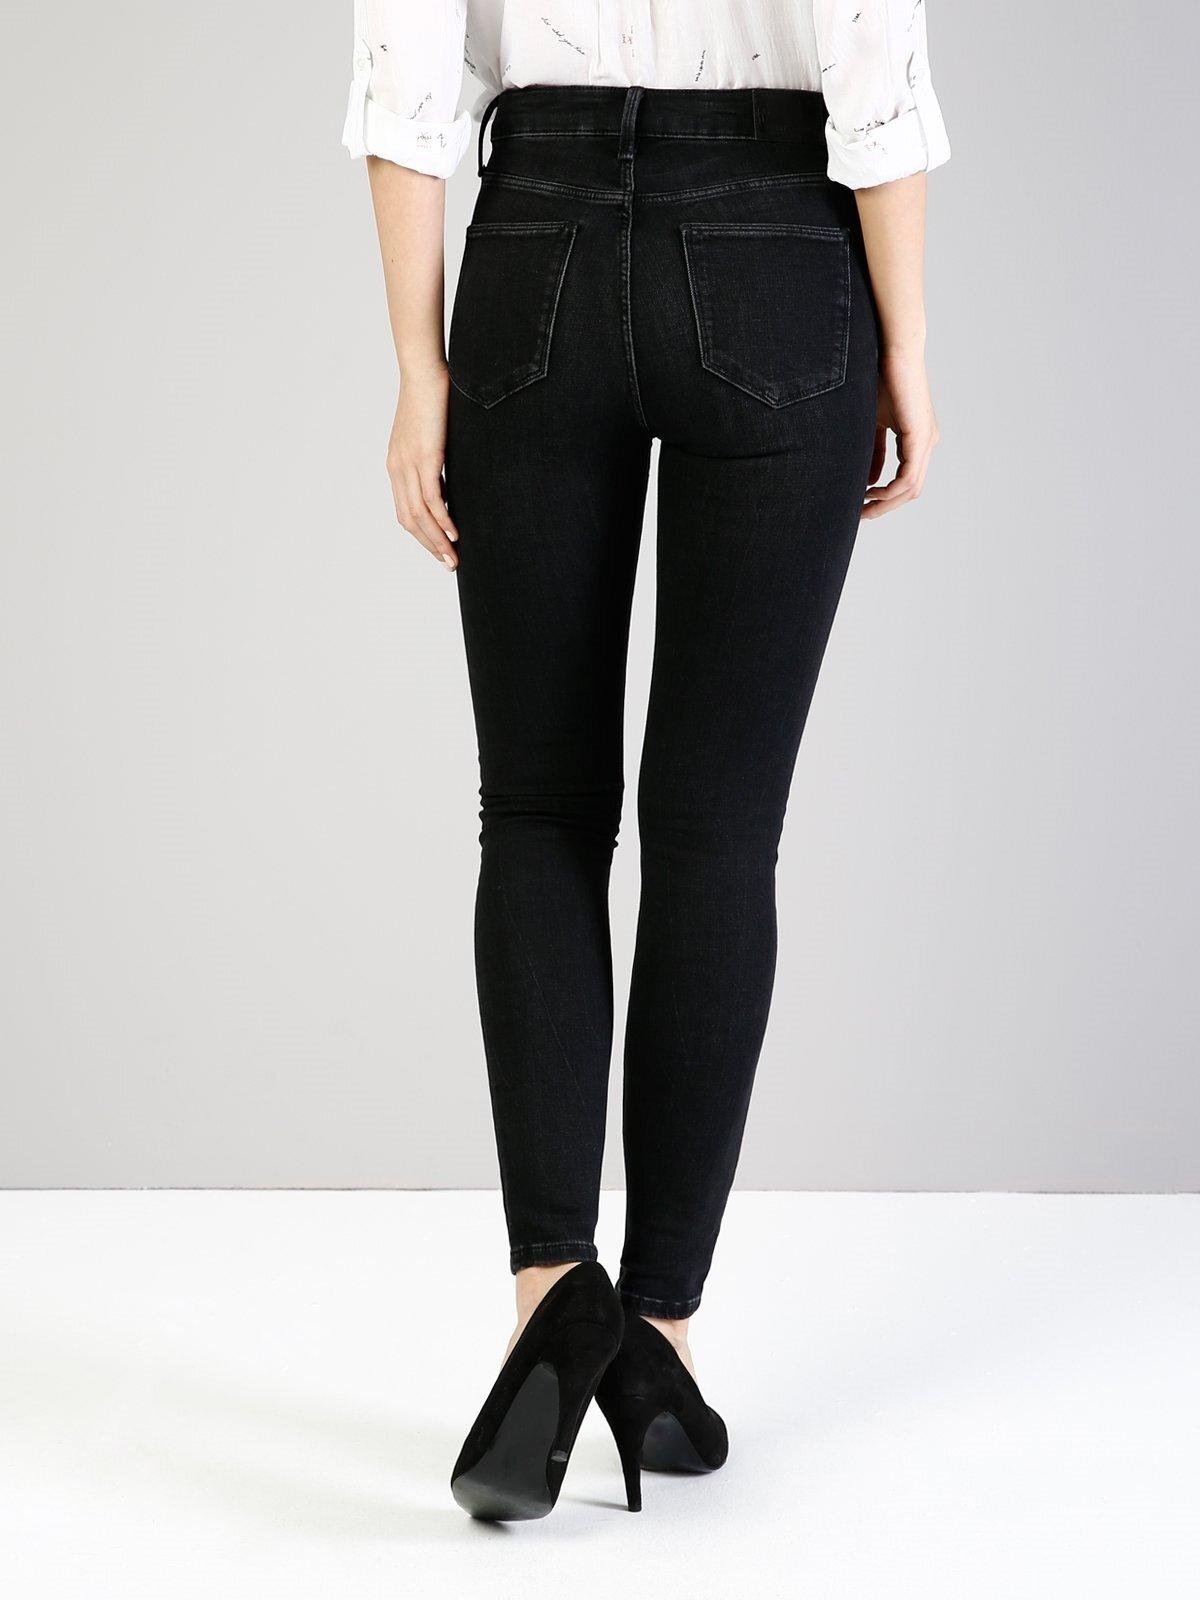 760 Diana Slim Fit Yüksek Bel Dar Paça Siyah Jean Pantolon